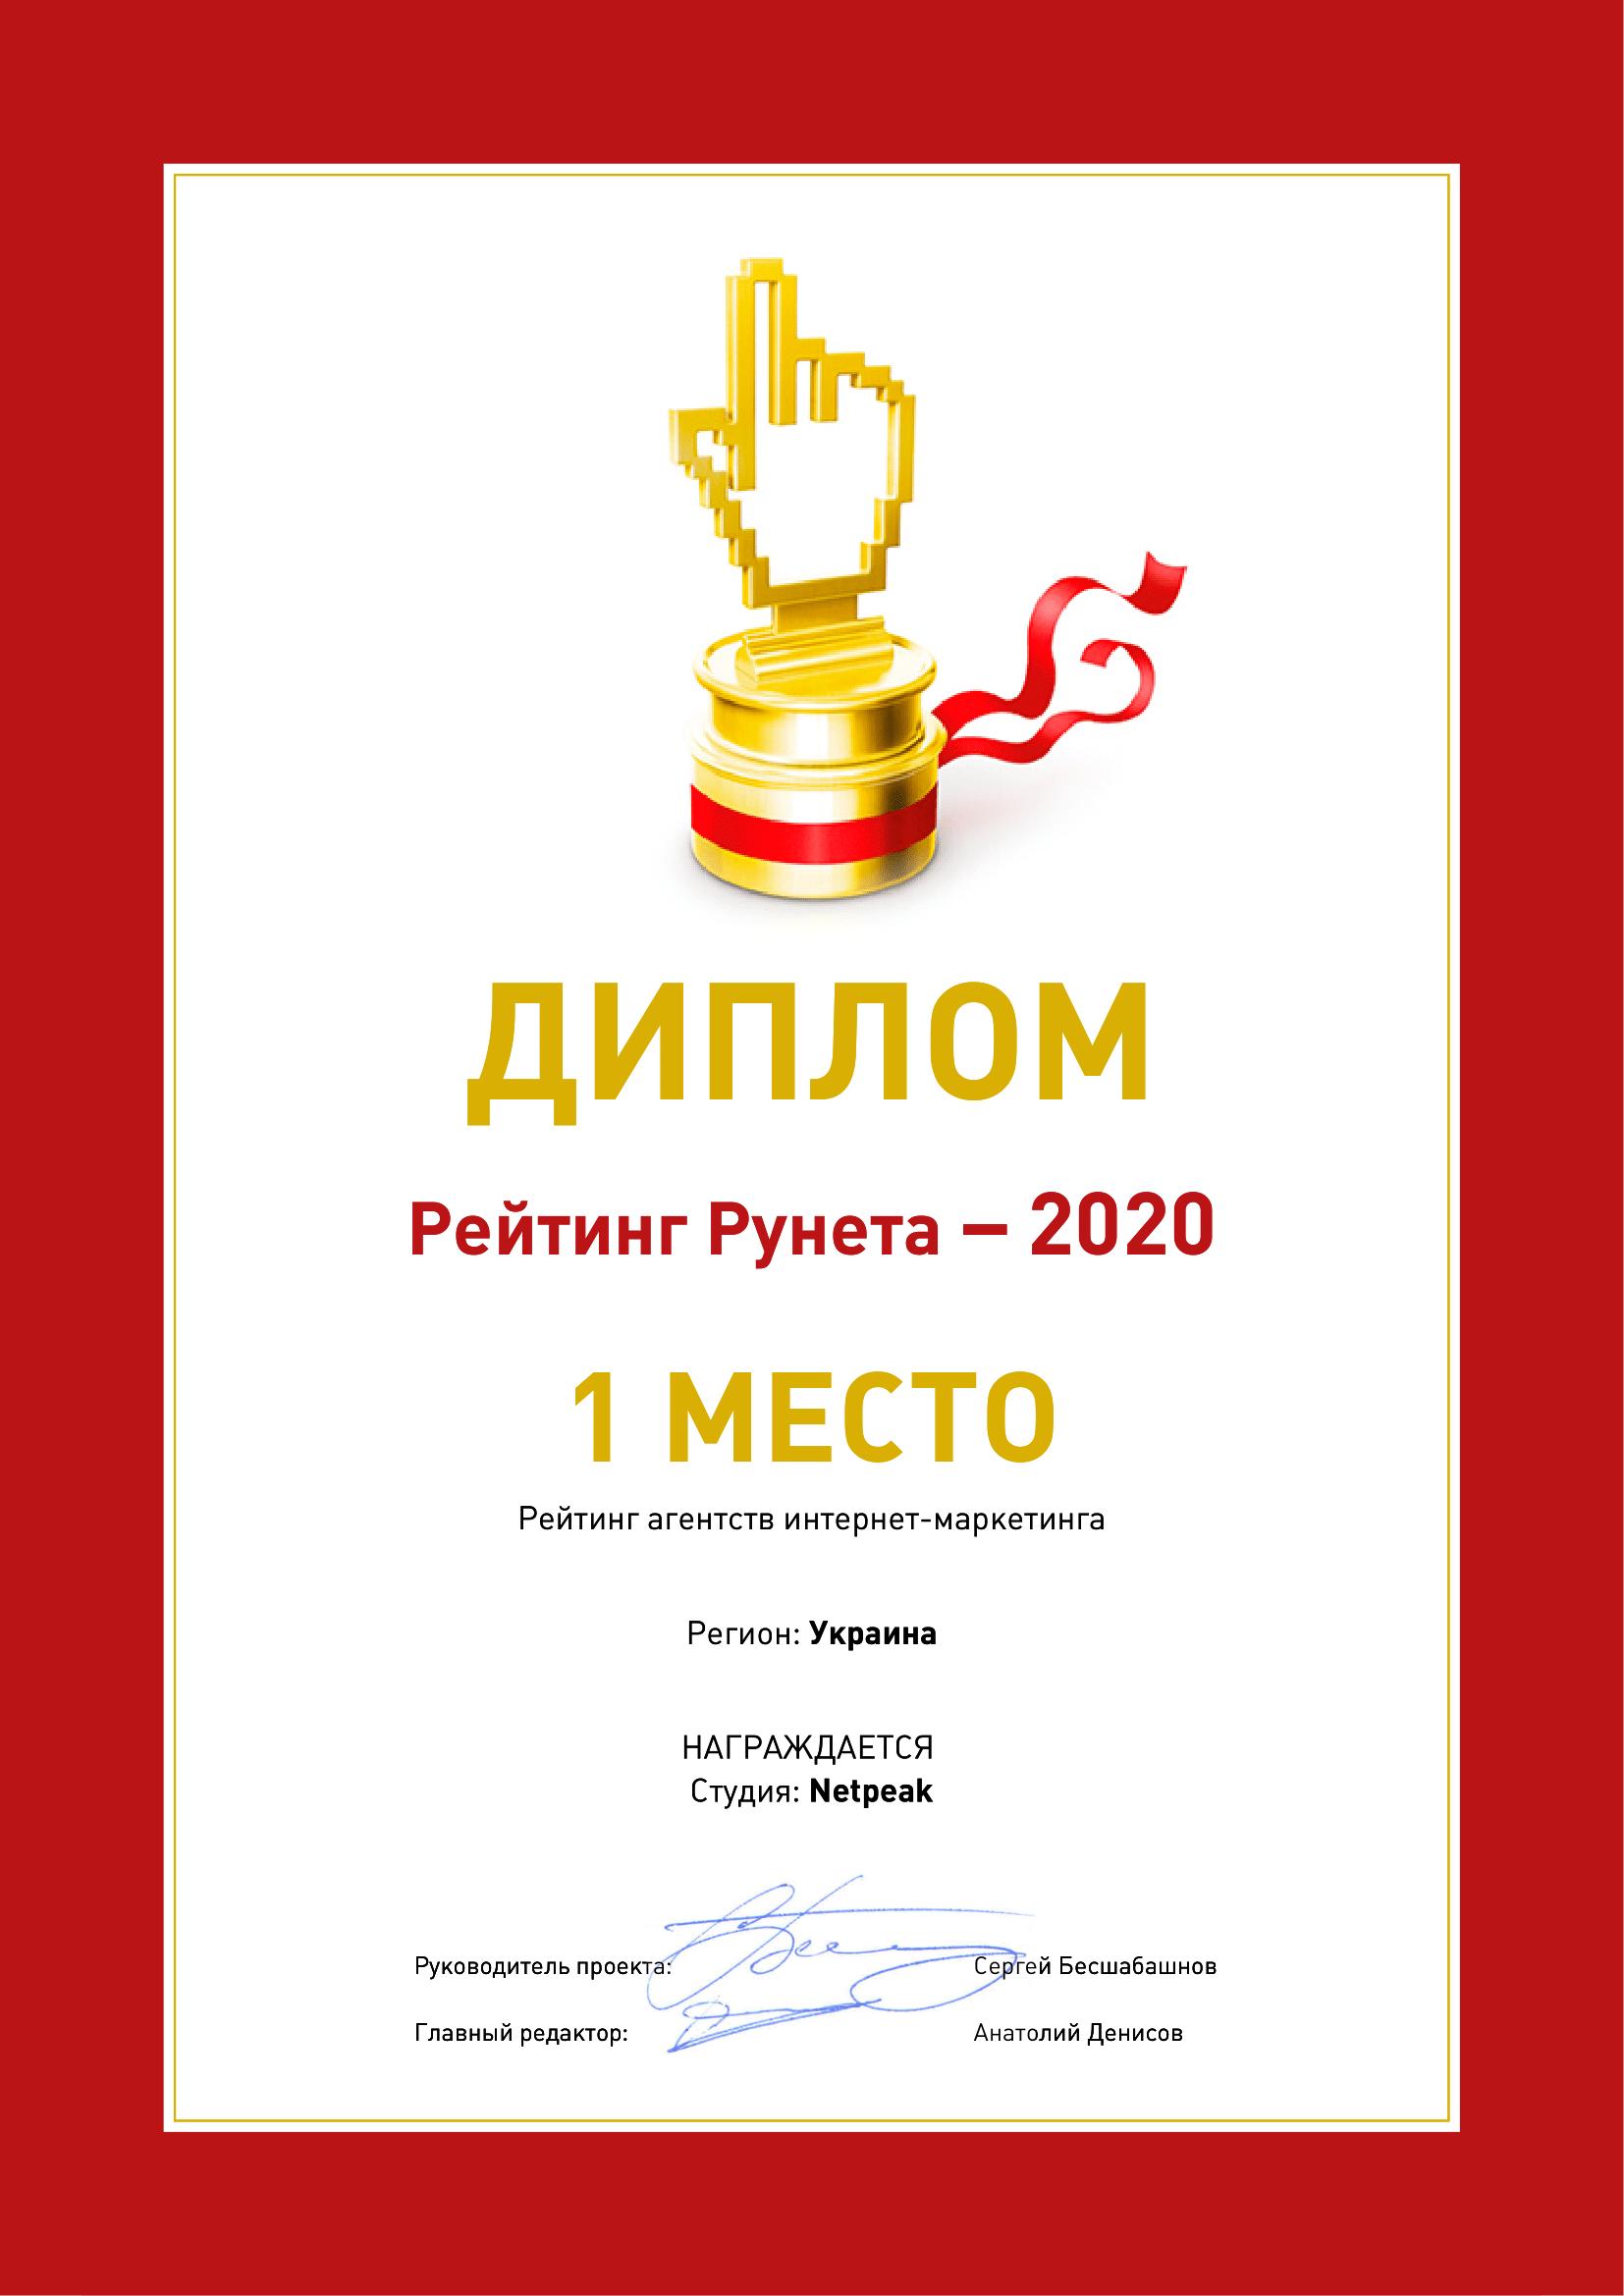 Рейтинг Рунета 2020: 1 место в Рейтинге агентств интернет-маркетинга в Украине